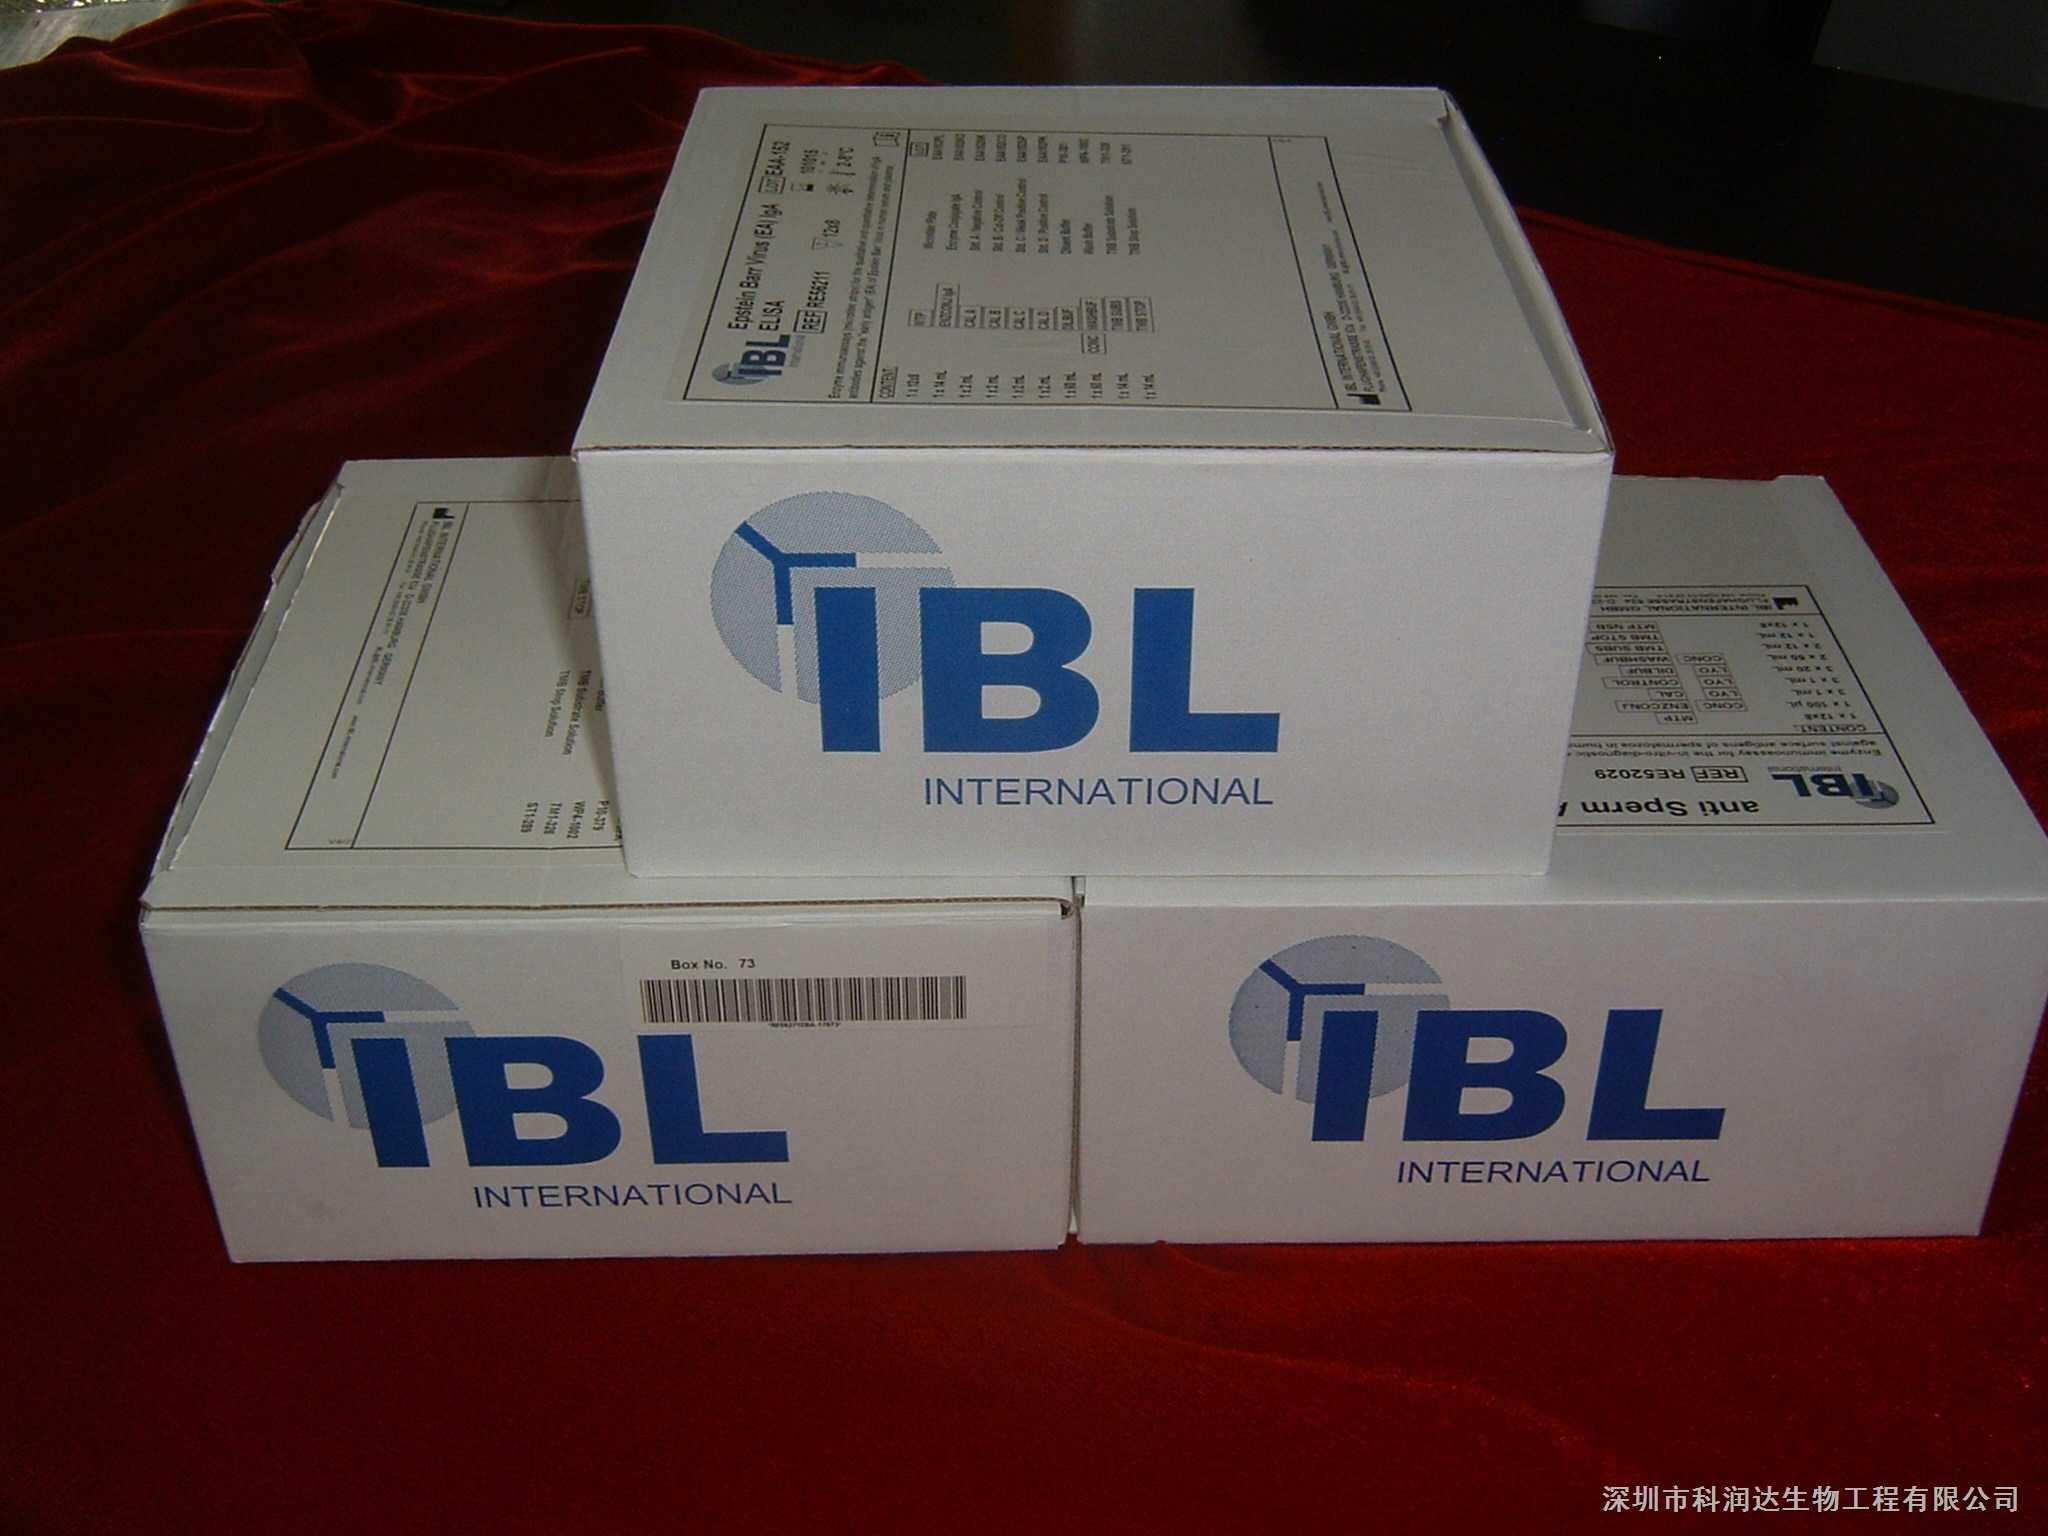 腮腺炎病毒抗体IgG ELISA检测试剂盒